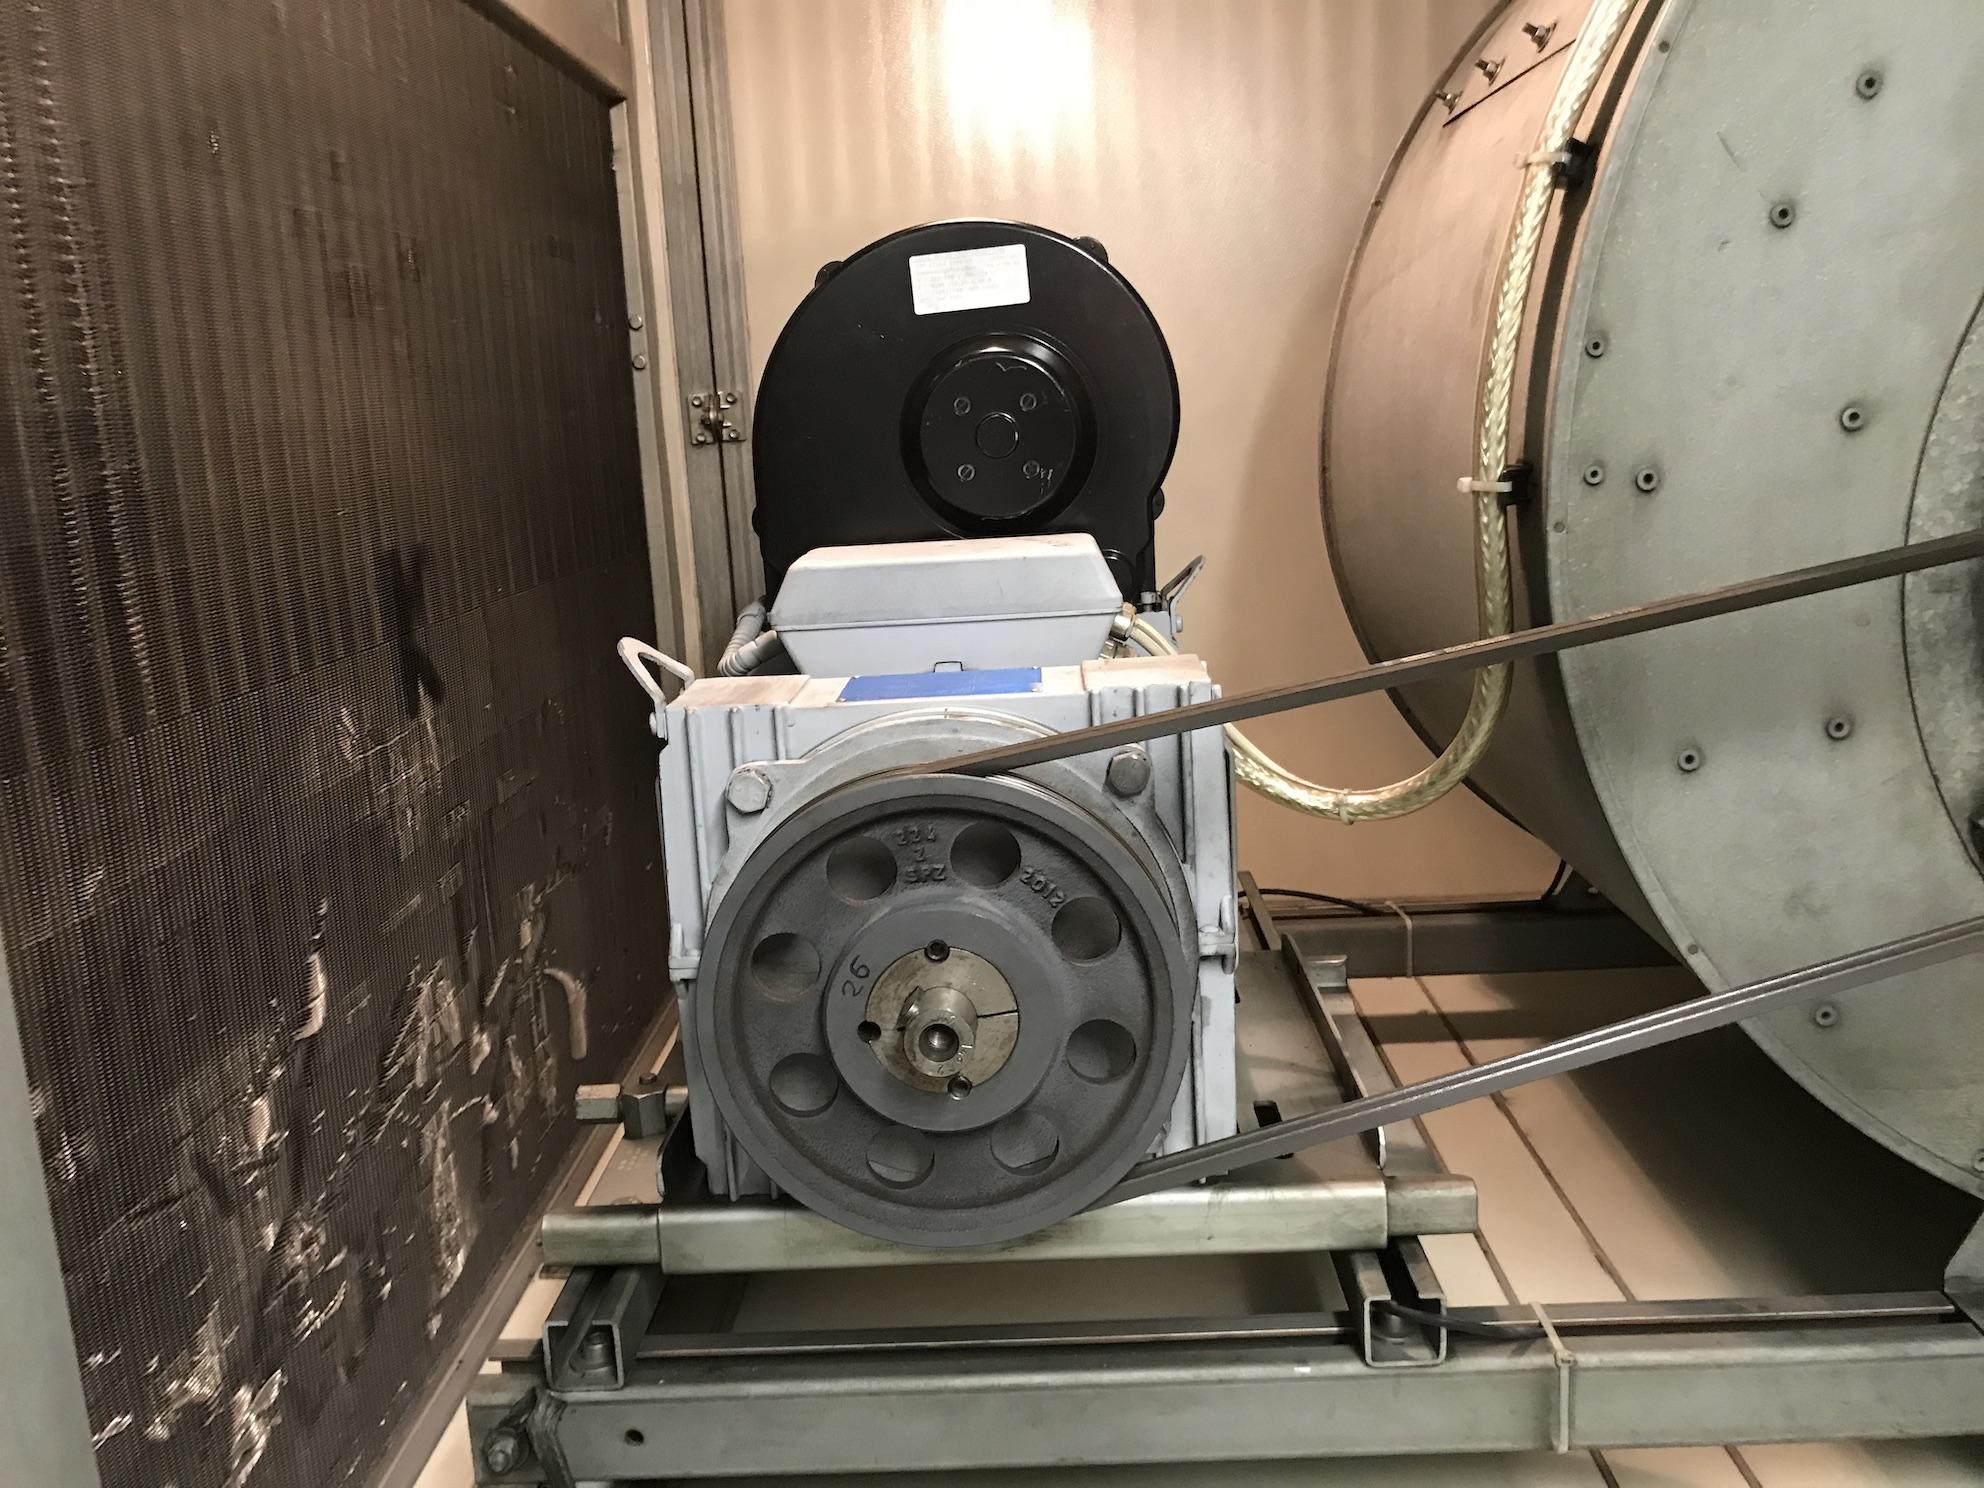 VDI 6022 -konformer Betrieb von RLT-Bestandsanlagen